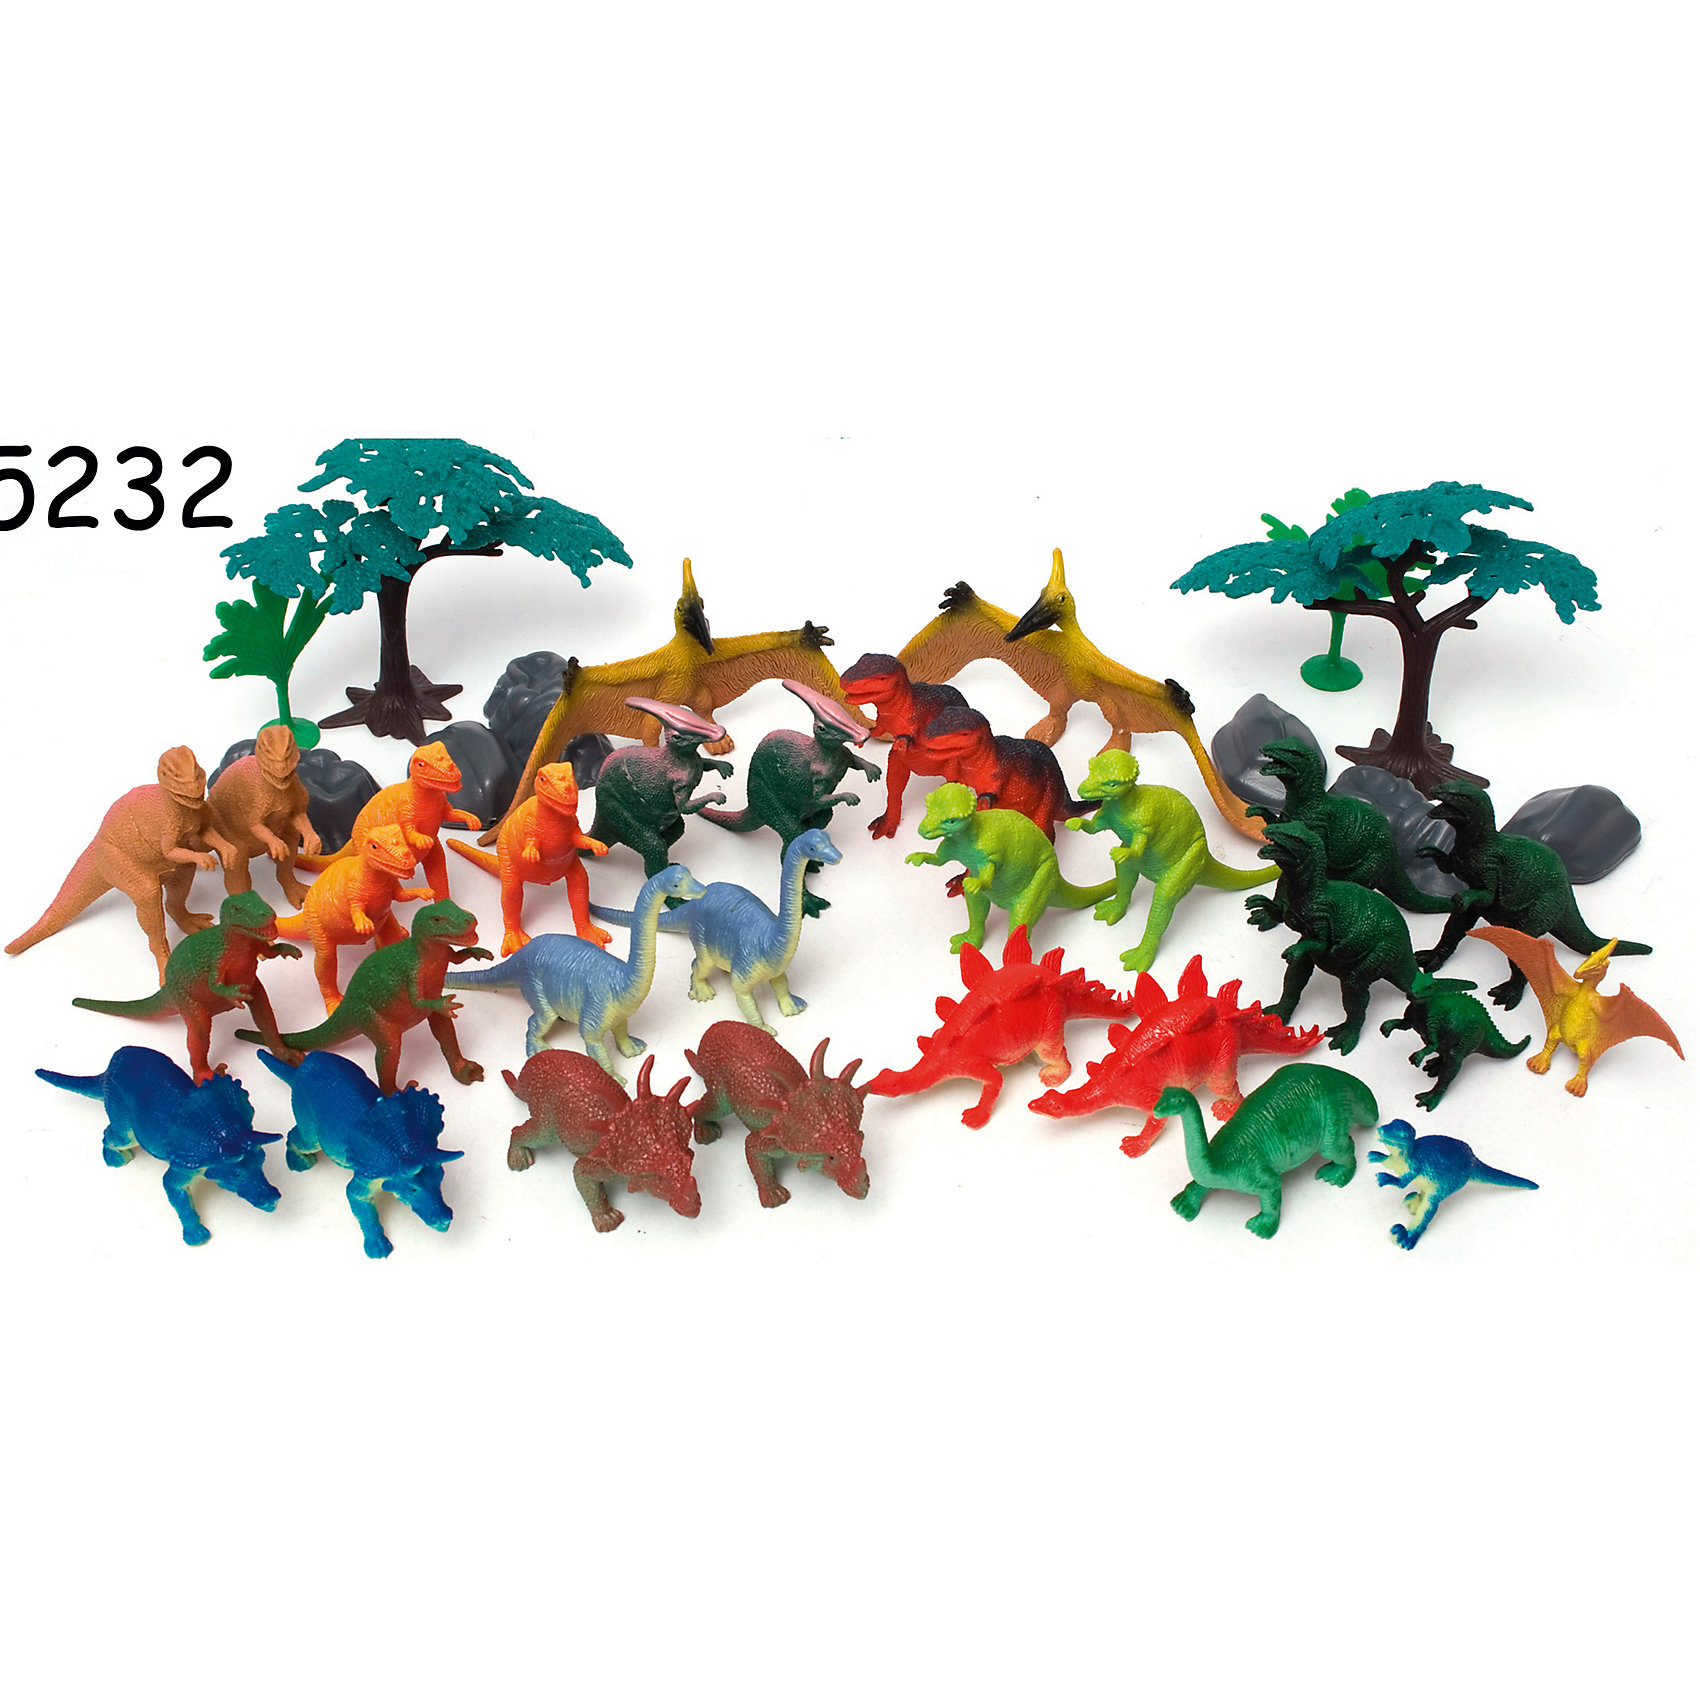 Boley Игровой набор Динозавры, 40 предметов, Boley boley игровой набор из 3 х предметов серия софия прекрасная 82527